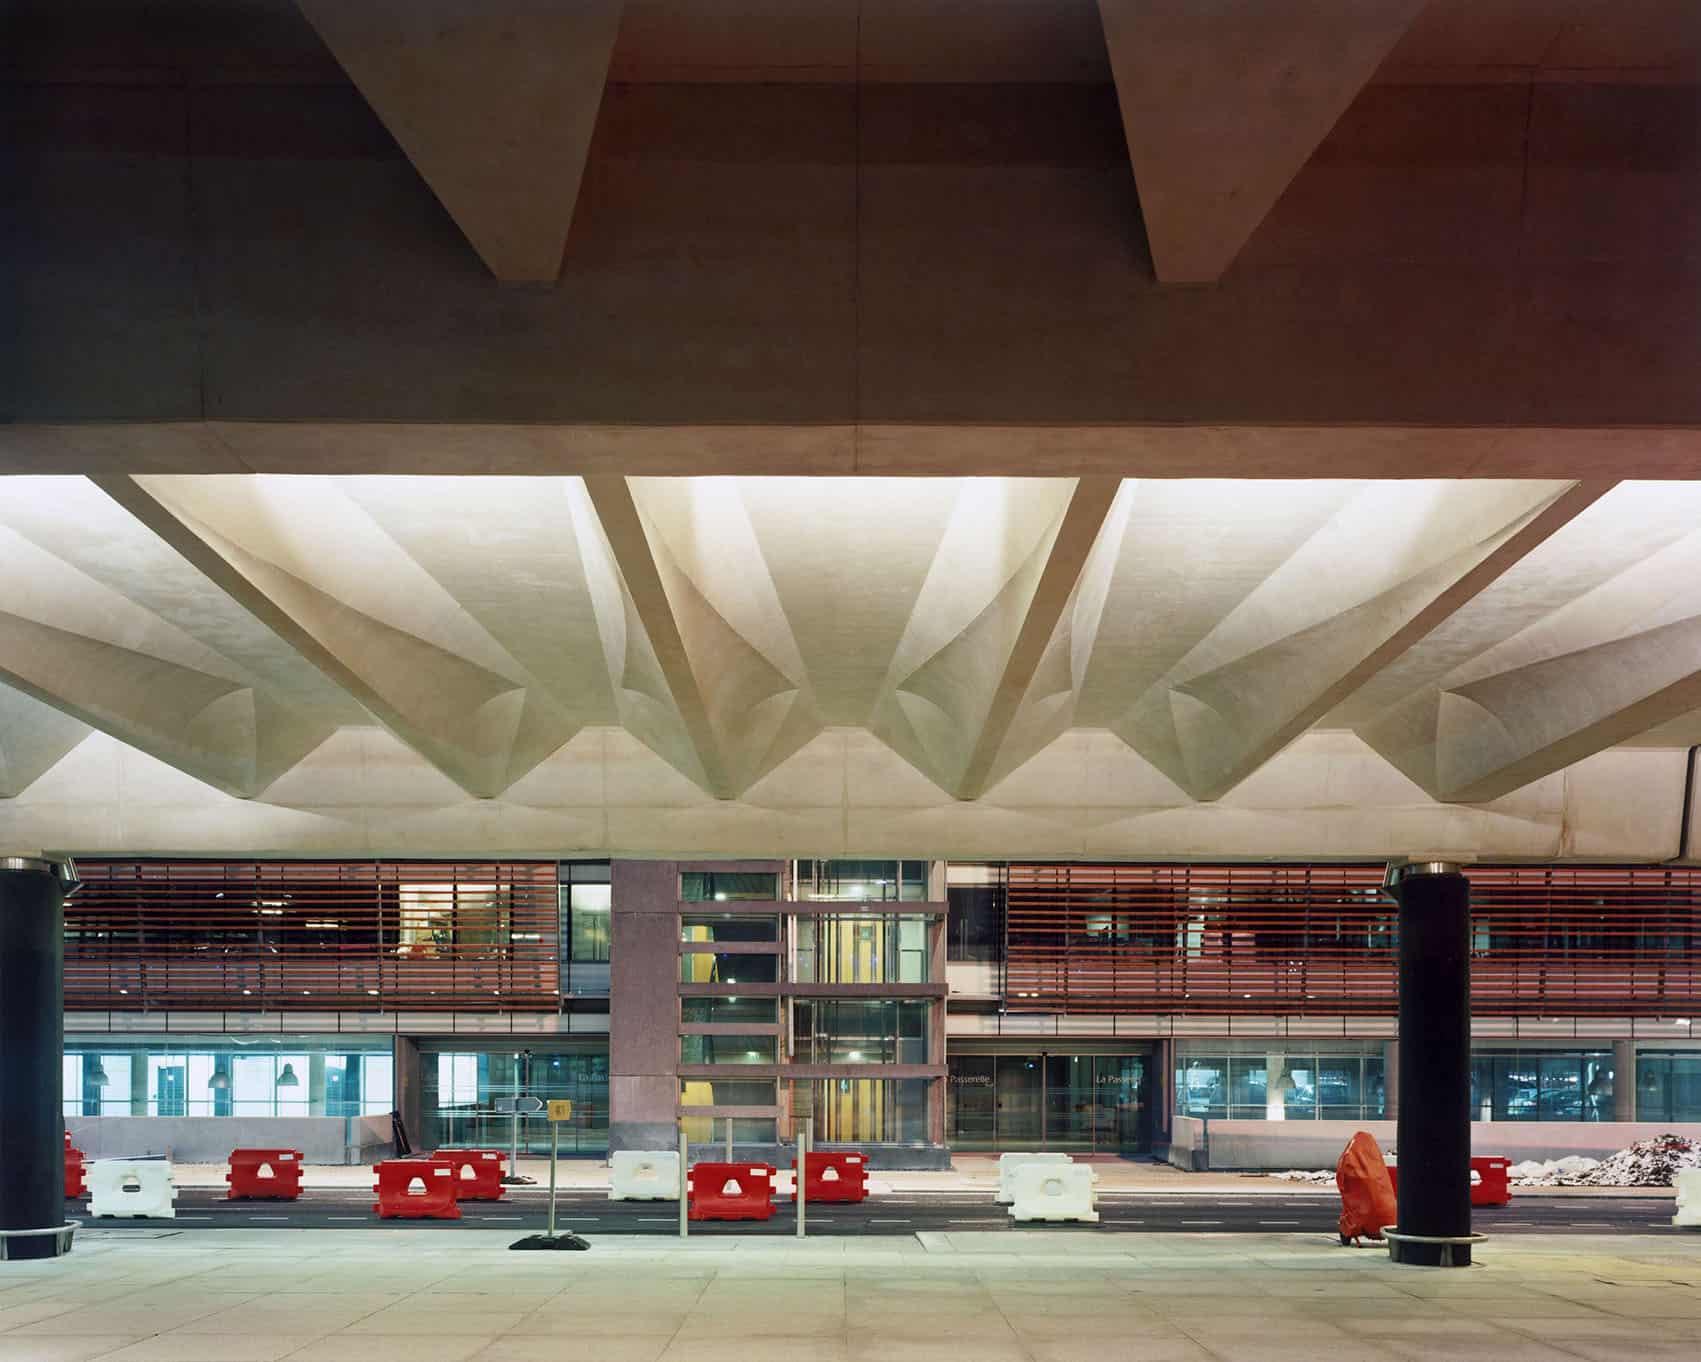 B+M Architecture - Un ouvrage conçu par la lumière